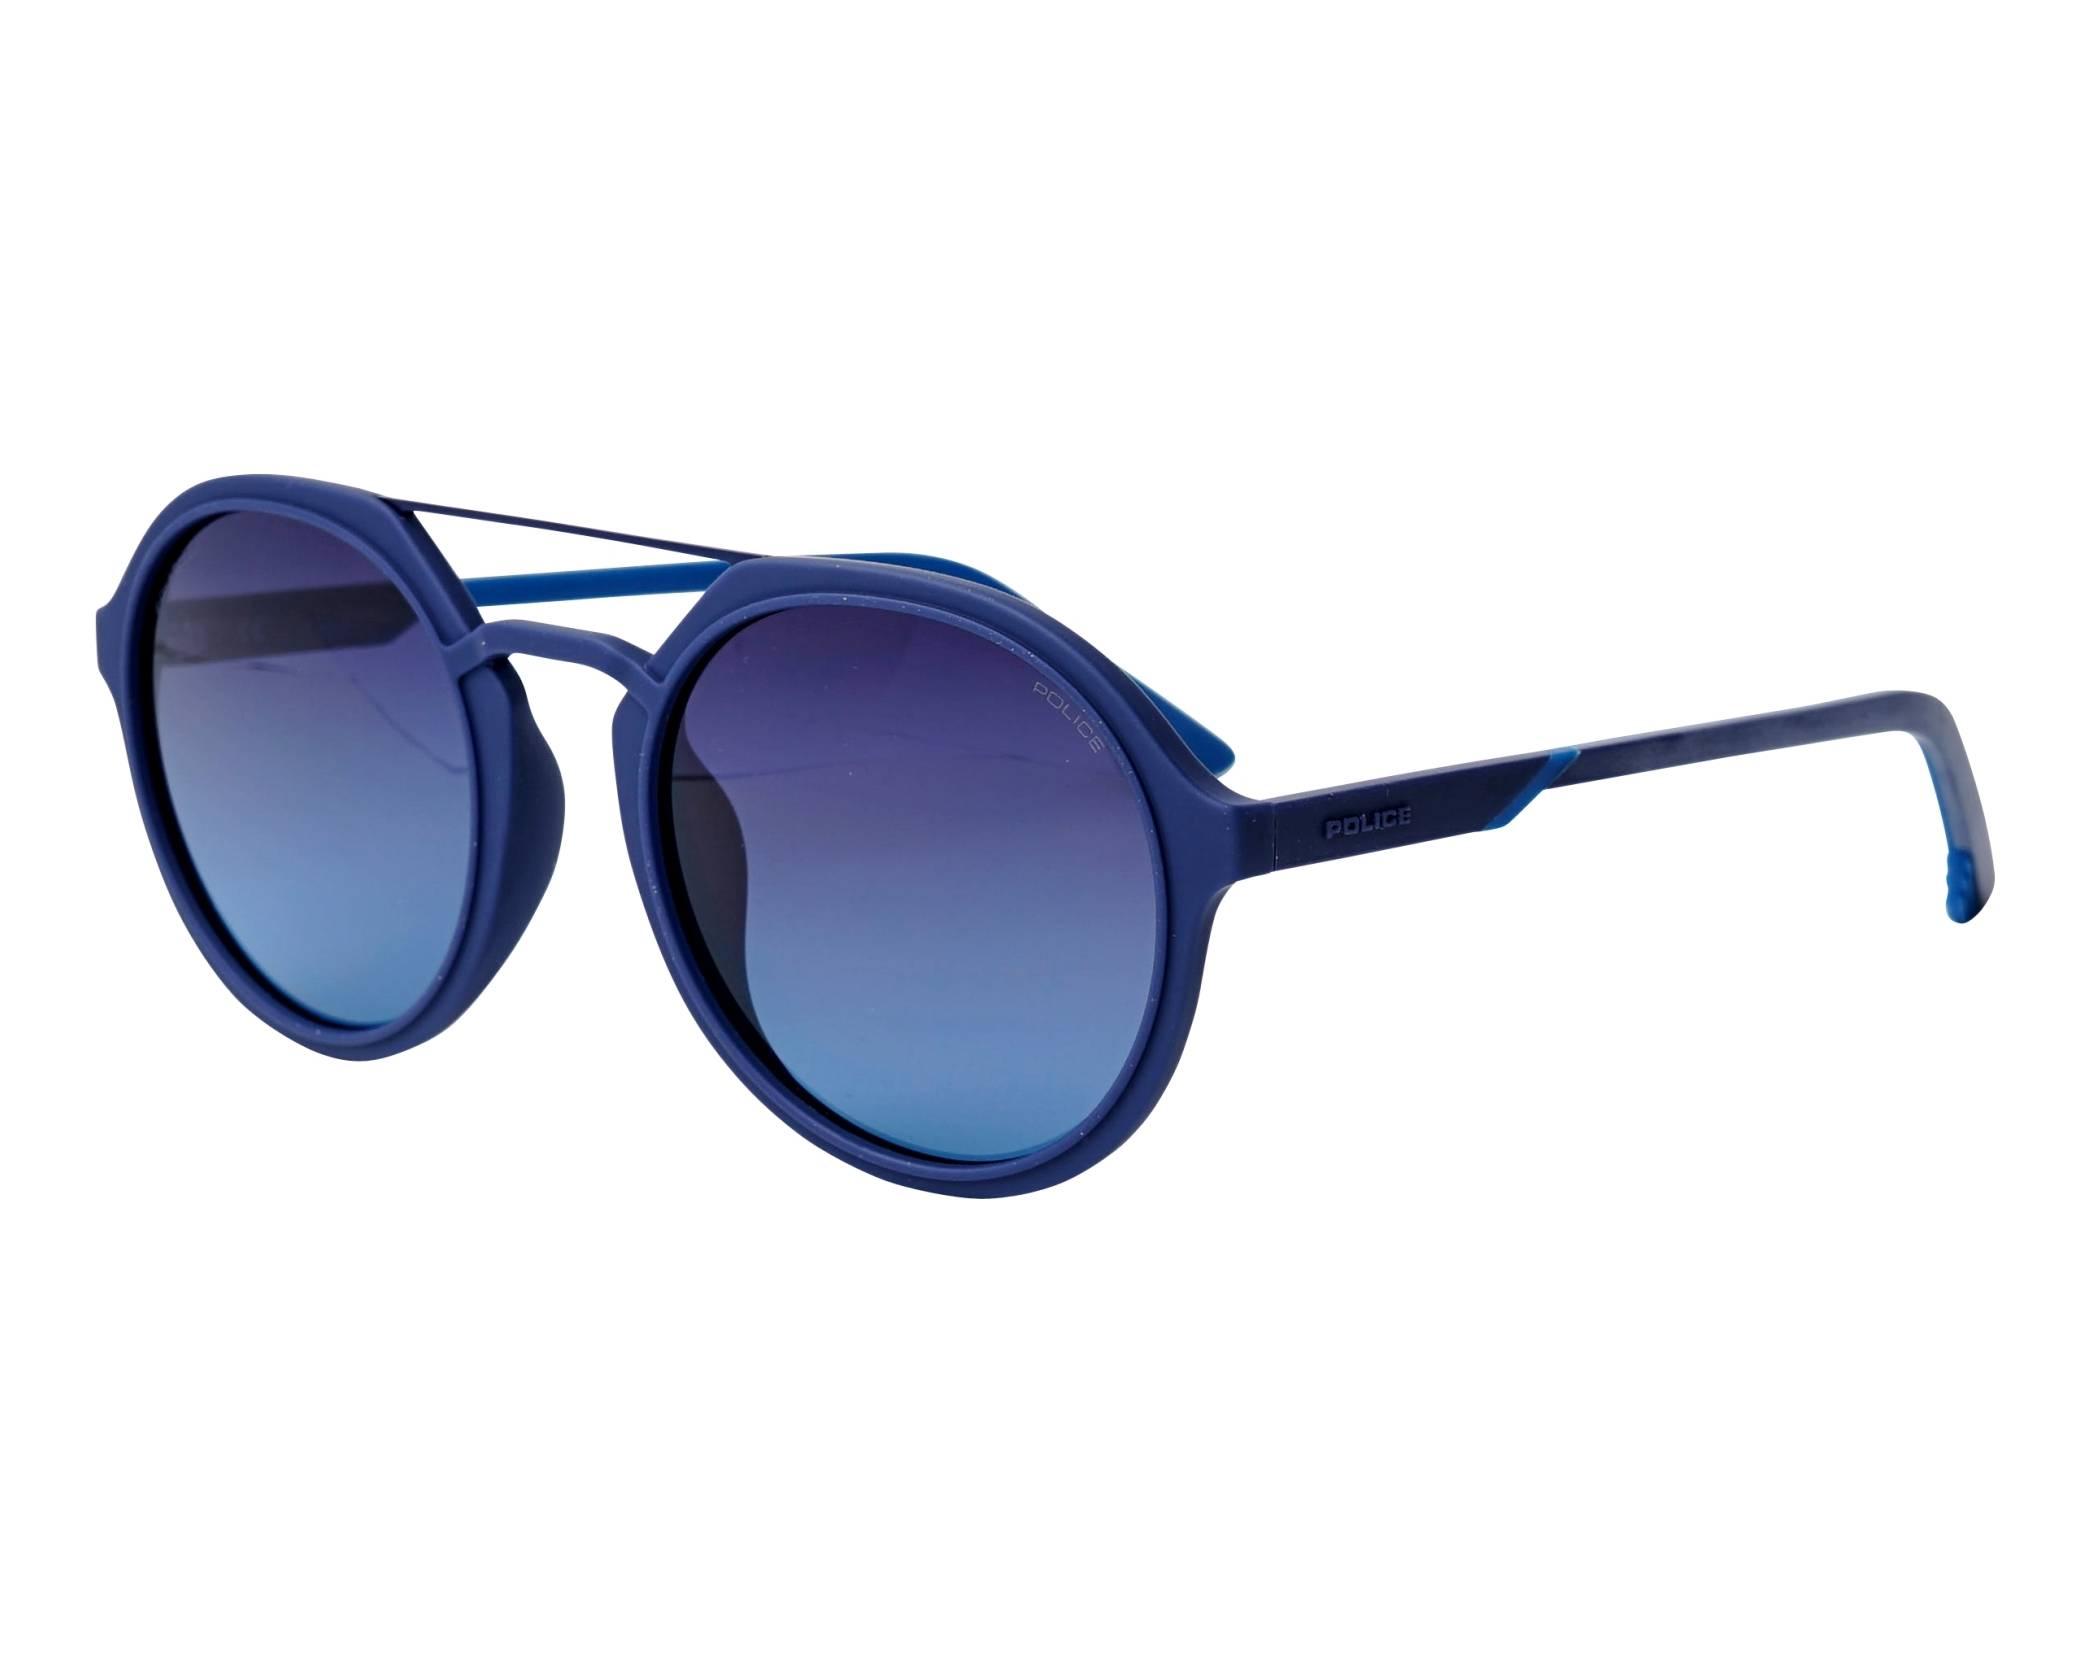 504e2f4f9bc120 Lunettes de soleil Police SPL-768 92EP 53-21 Bleu vue de profil